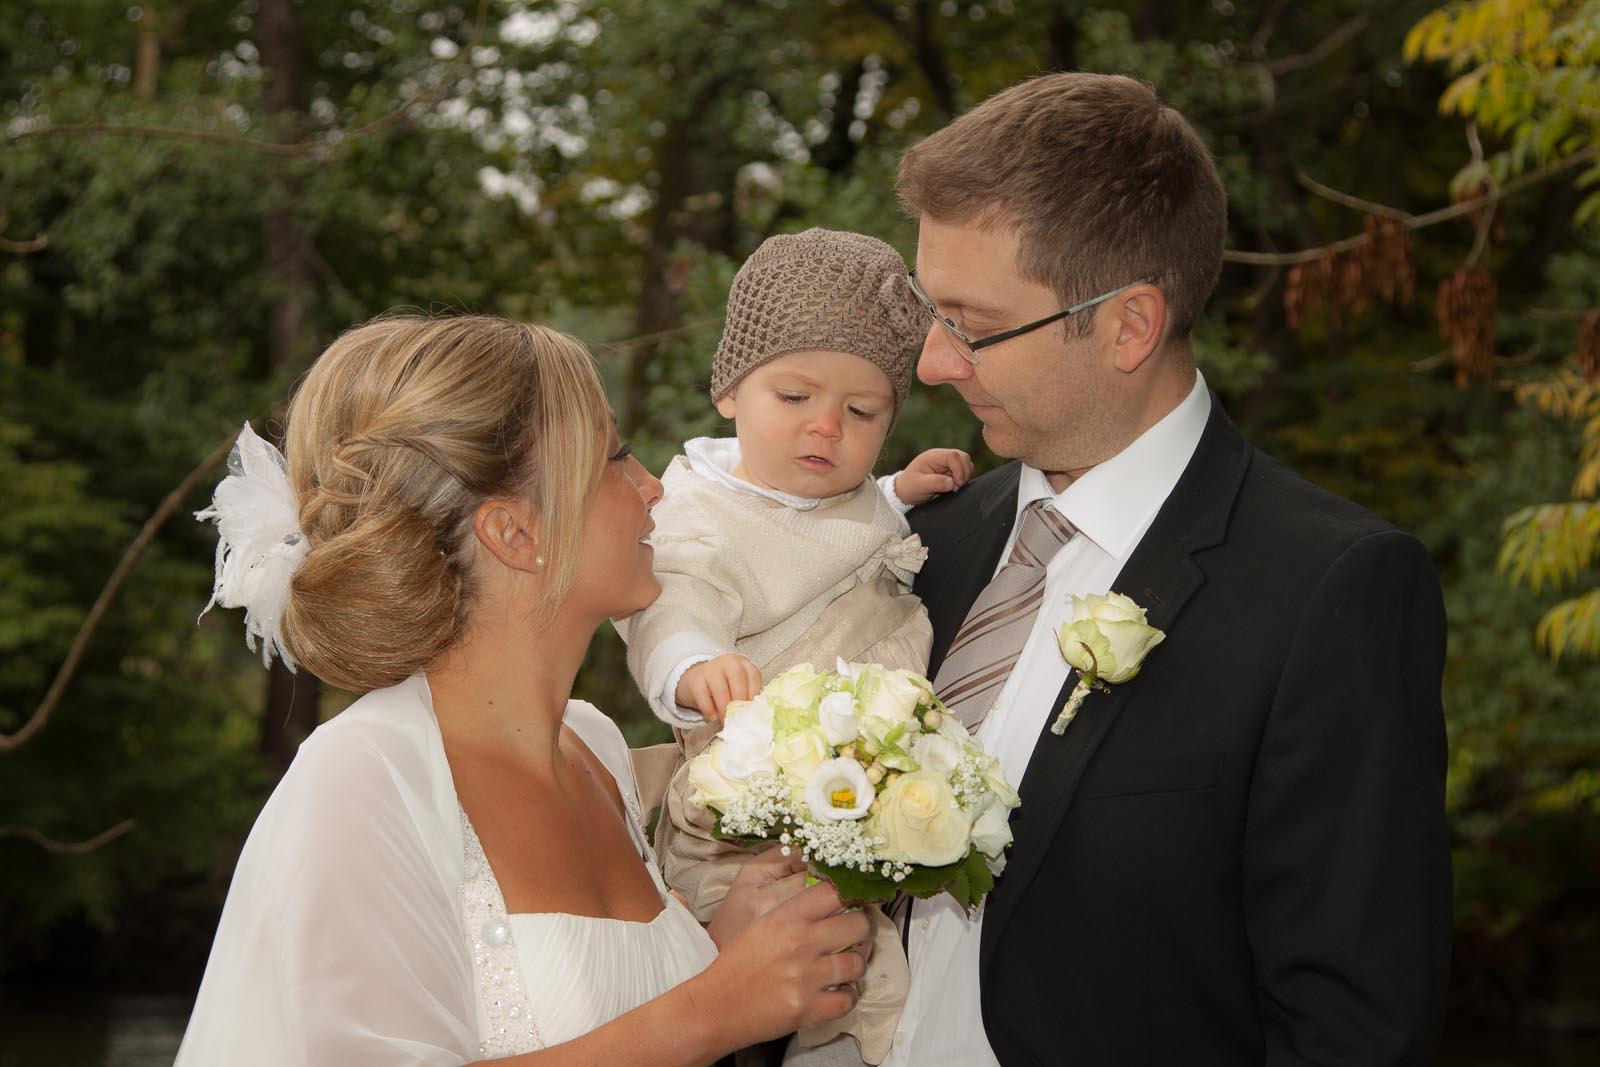 Hochzeit-Portraits-Reisinger-Hochzeit-Reisinger-0890.jpg